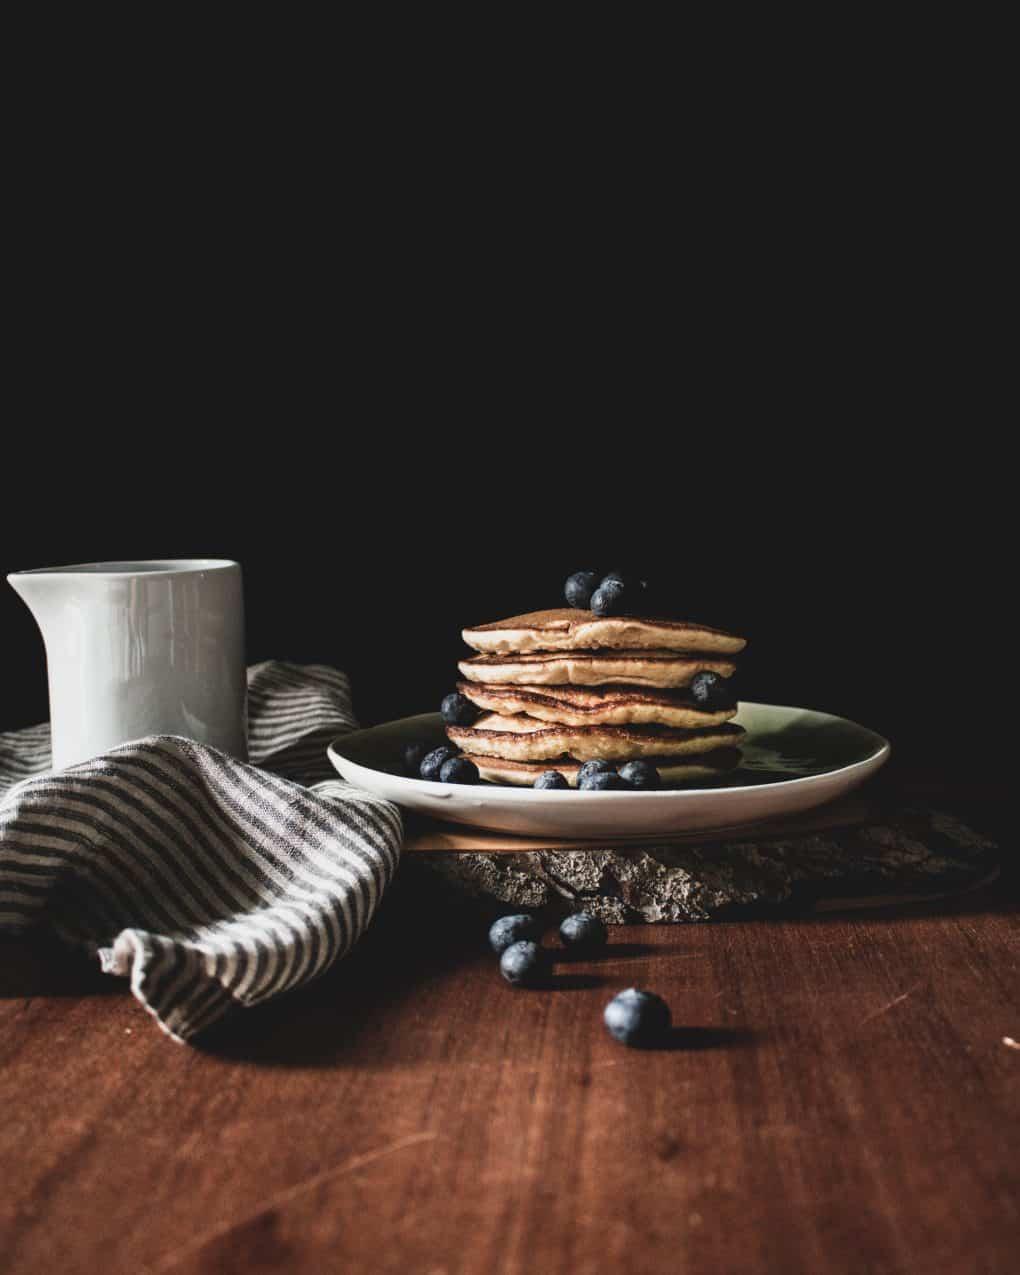 Pancakes gestapelt mit Ahornsirup und Blaubeeren